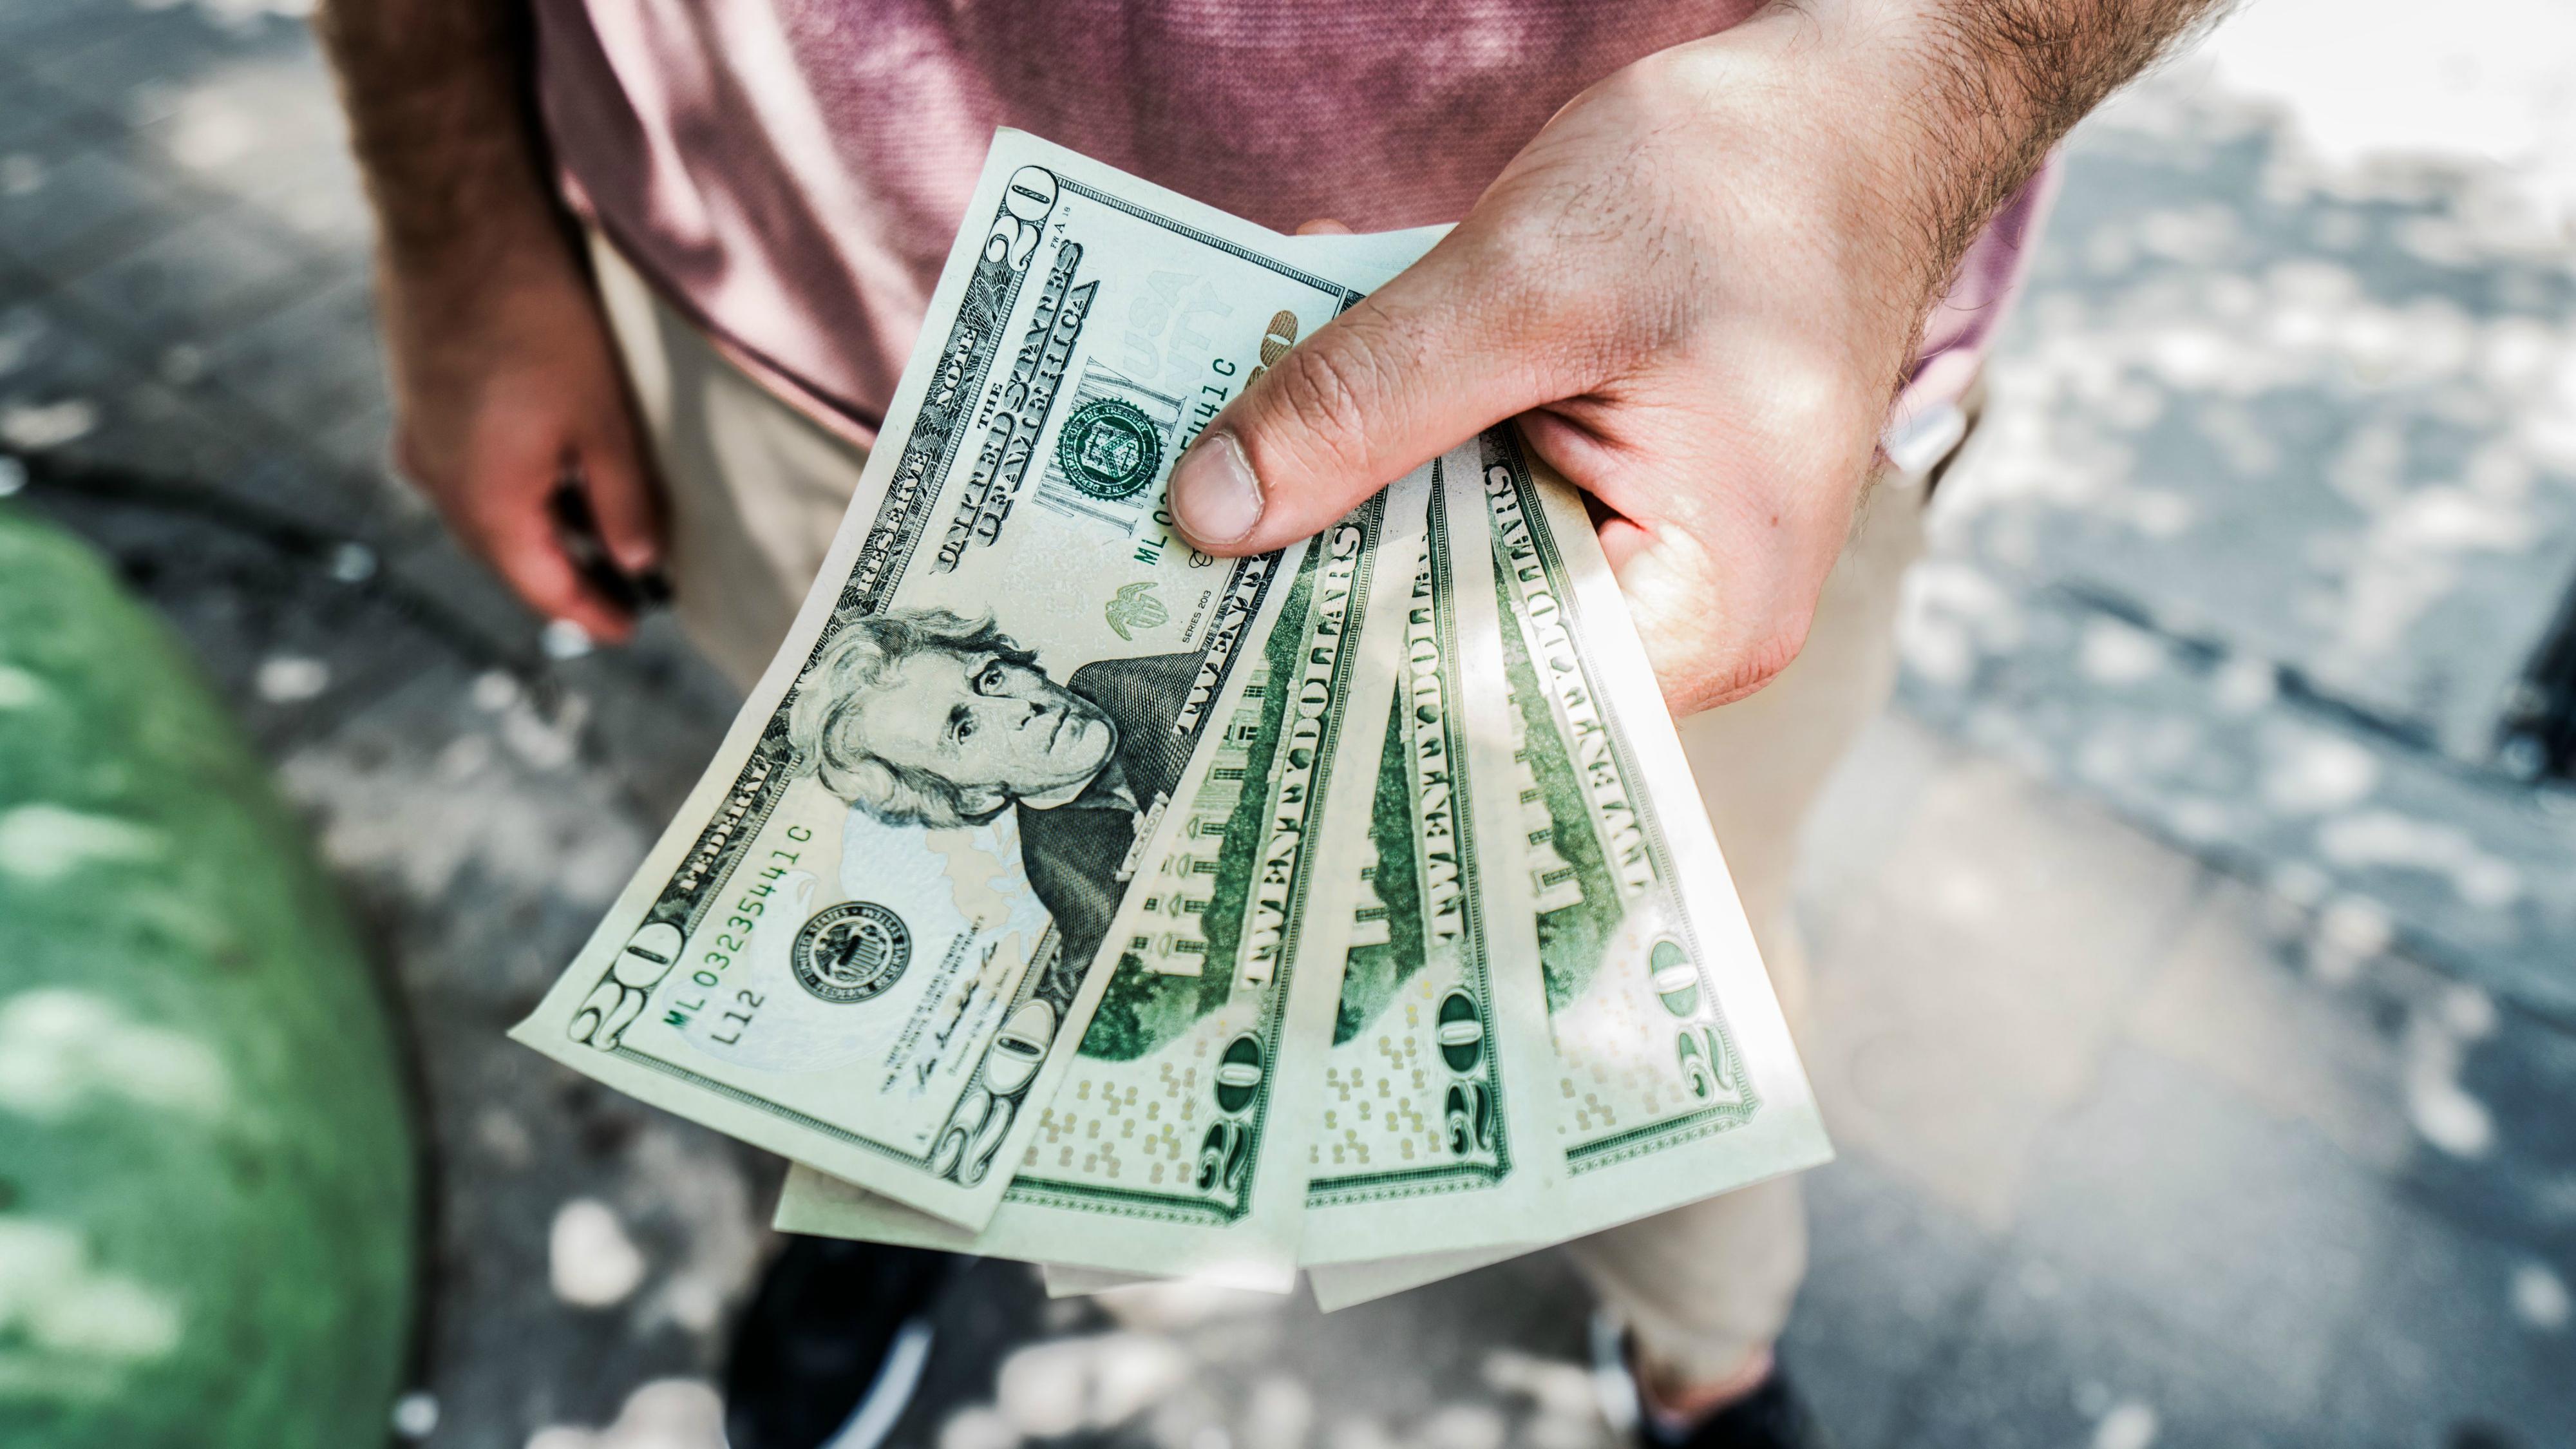 reāls veids, kā nopelnīt daudz naudas